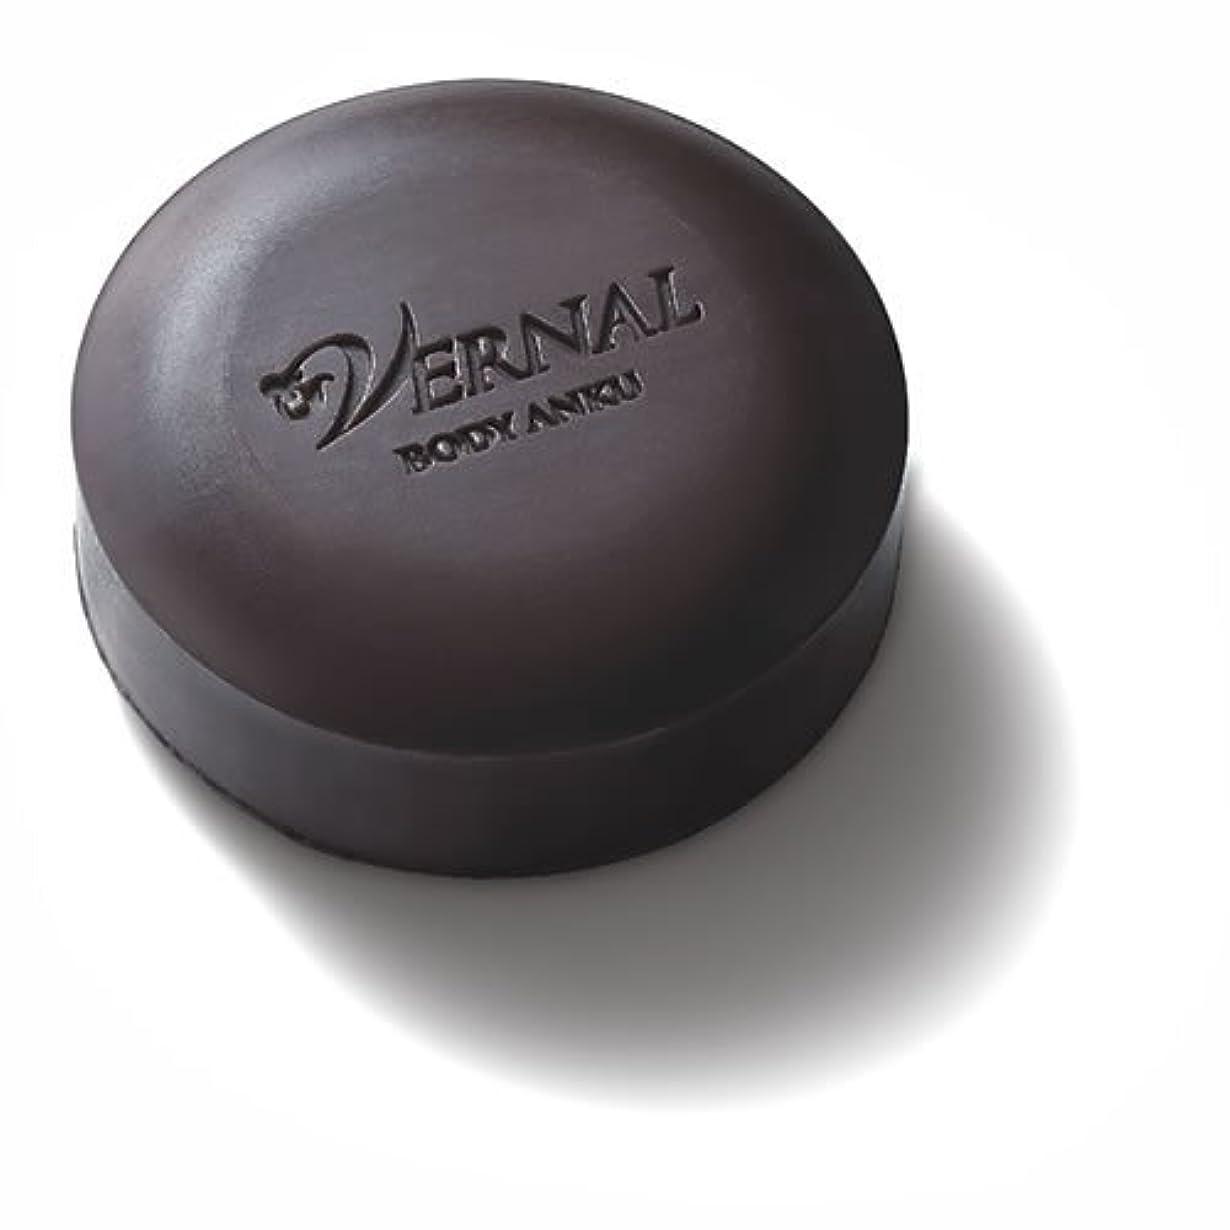 残忍な運動する効能ボディアンク/ヴァーナル ボディ用 石鹸 デオドラント